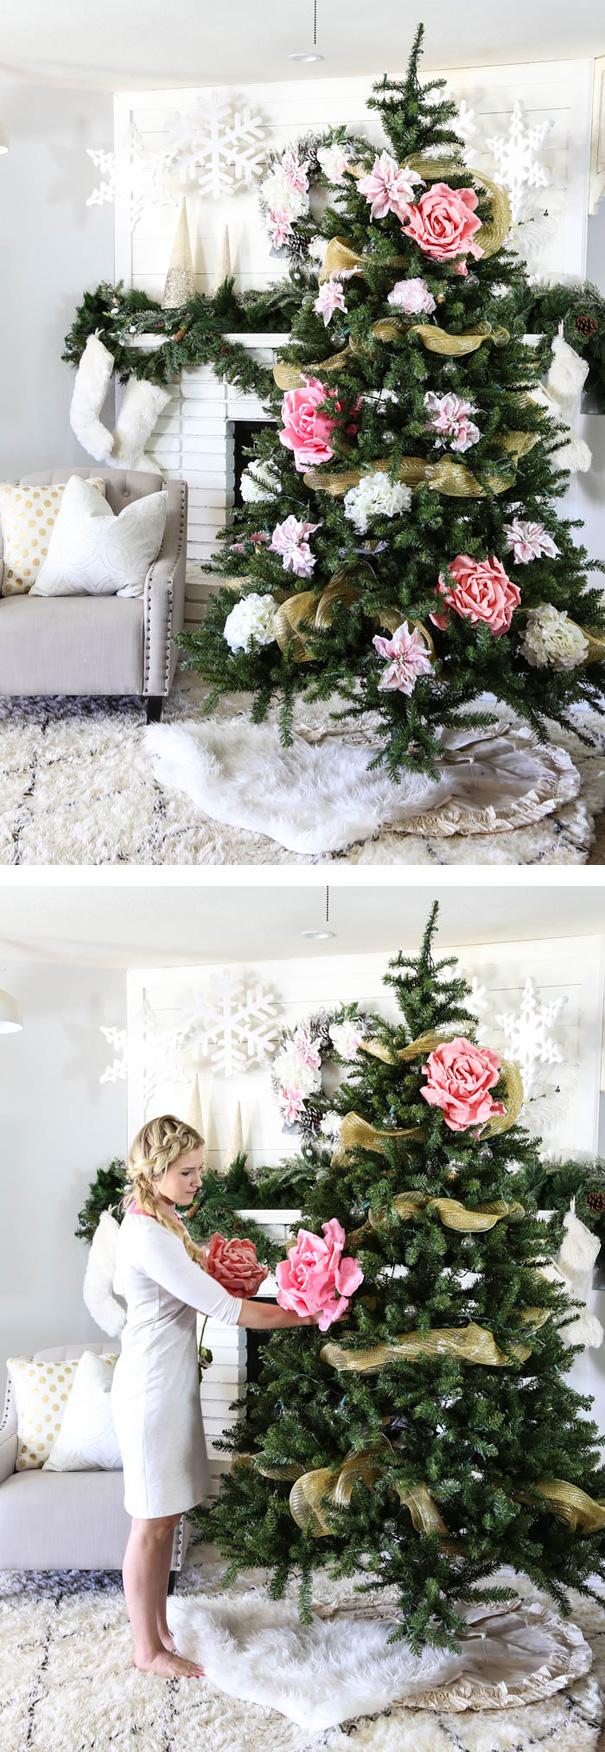 albero-natale-floreale-idee-decorazioni-08